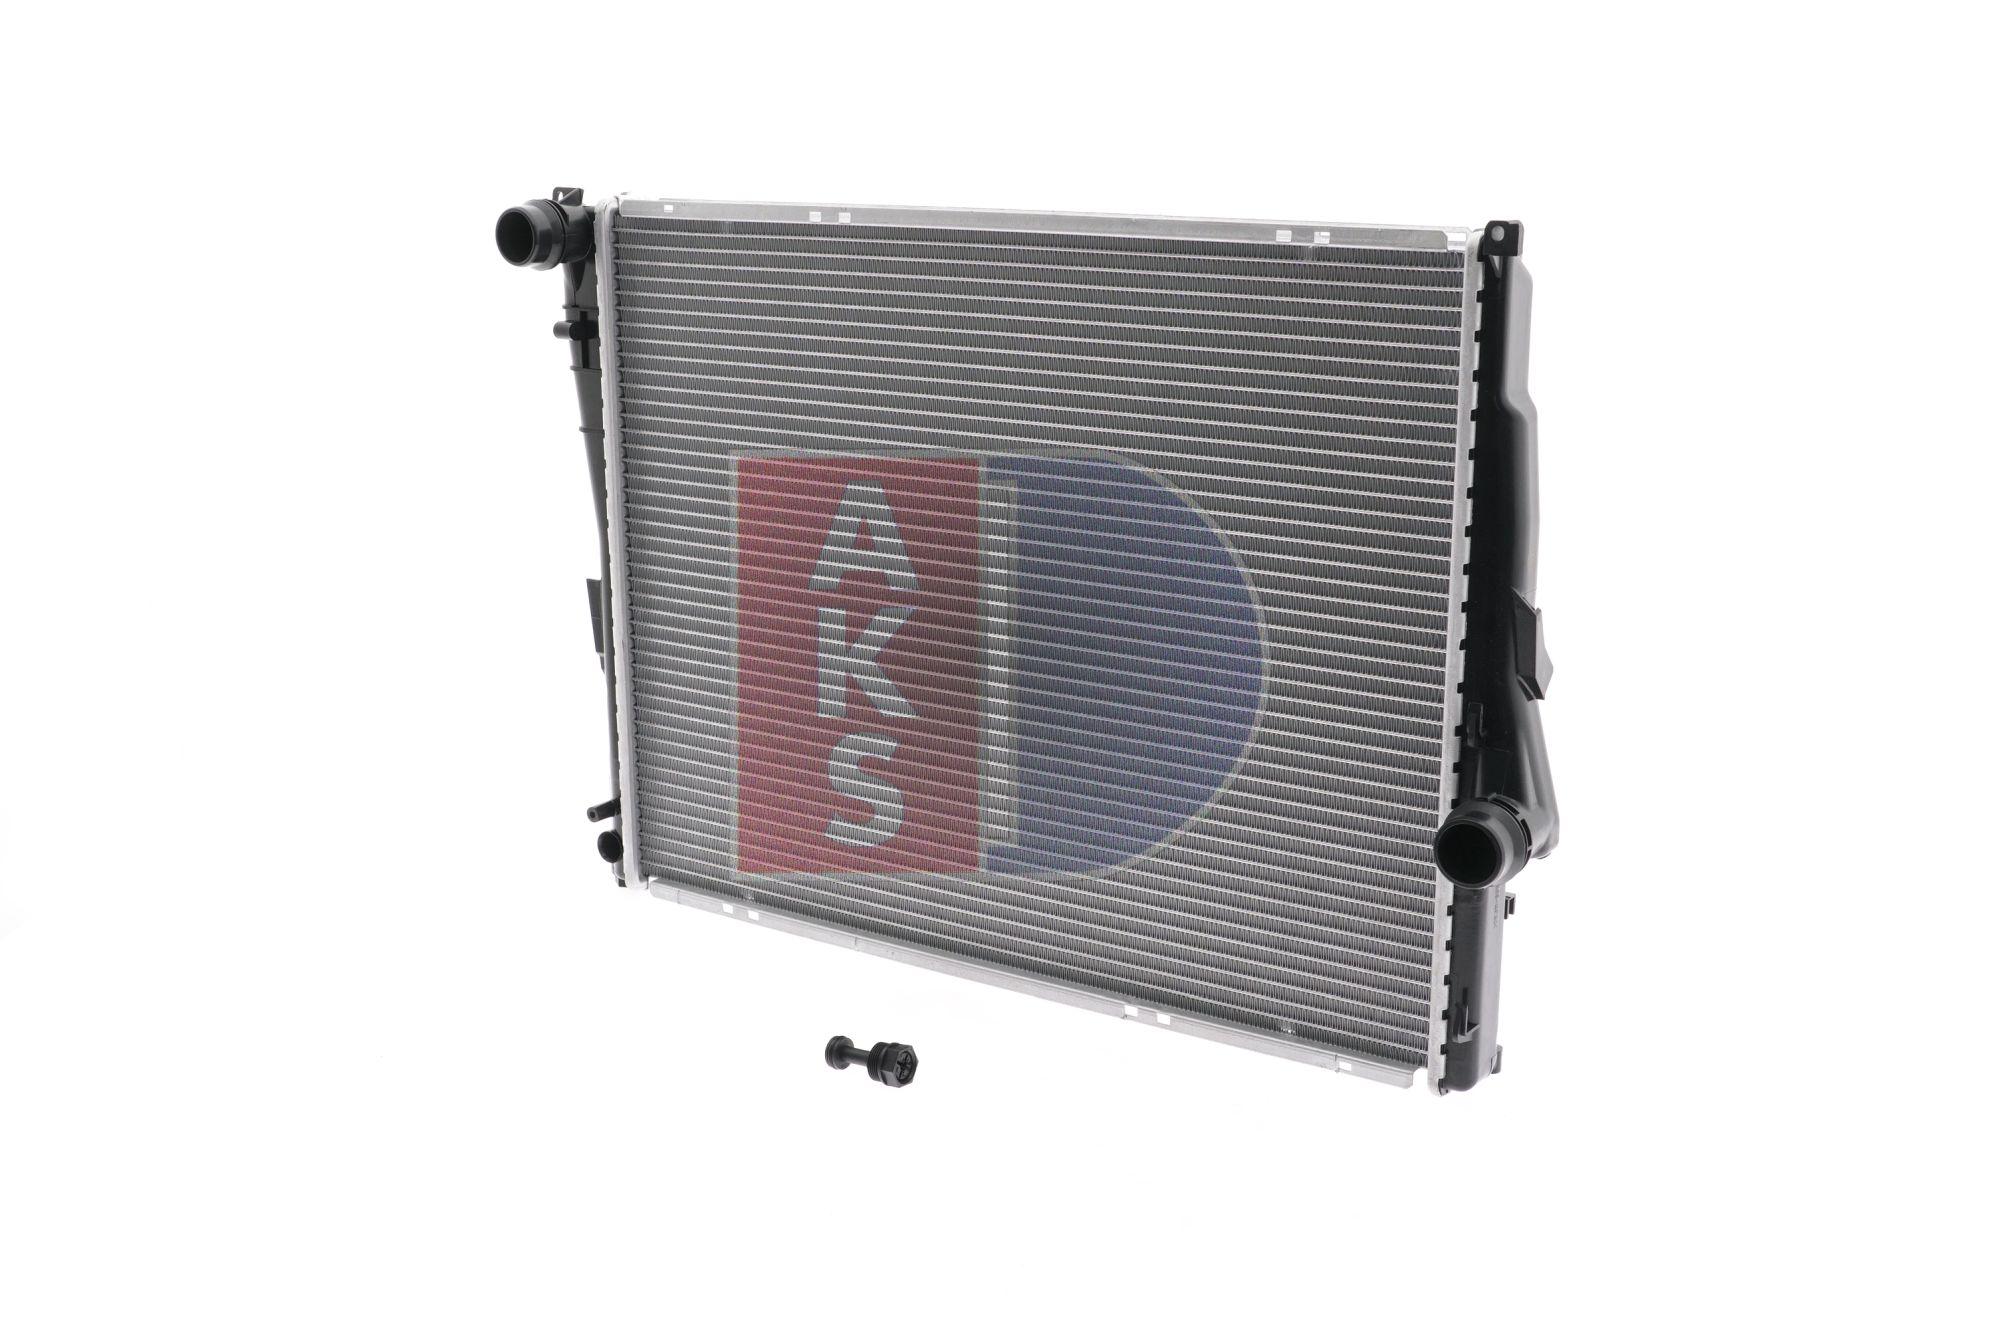 Radiateur, refroidissement du moteur Dimension du radiateur: 580x450x30 avec OEM numéro 17 11 1 611 573